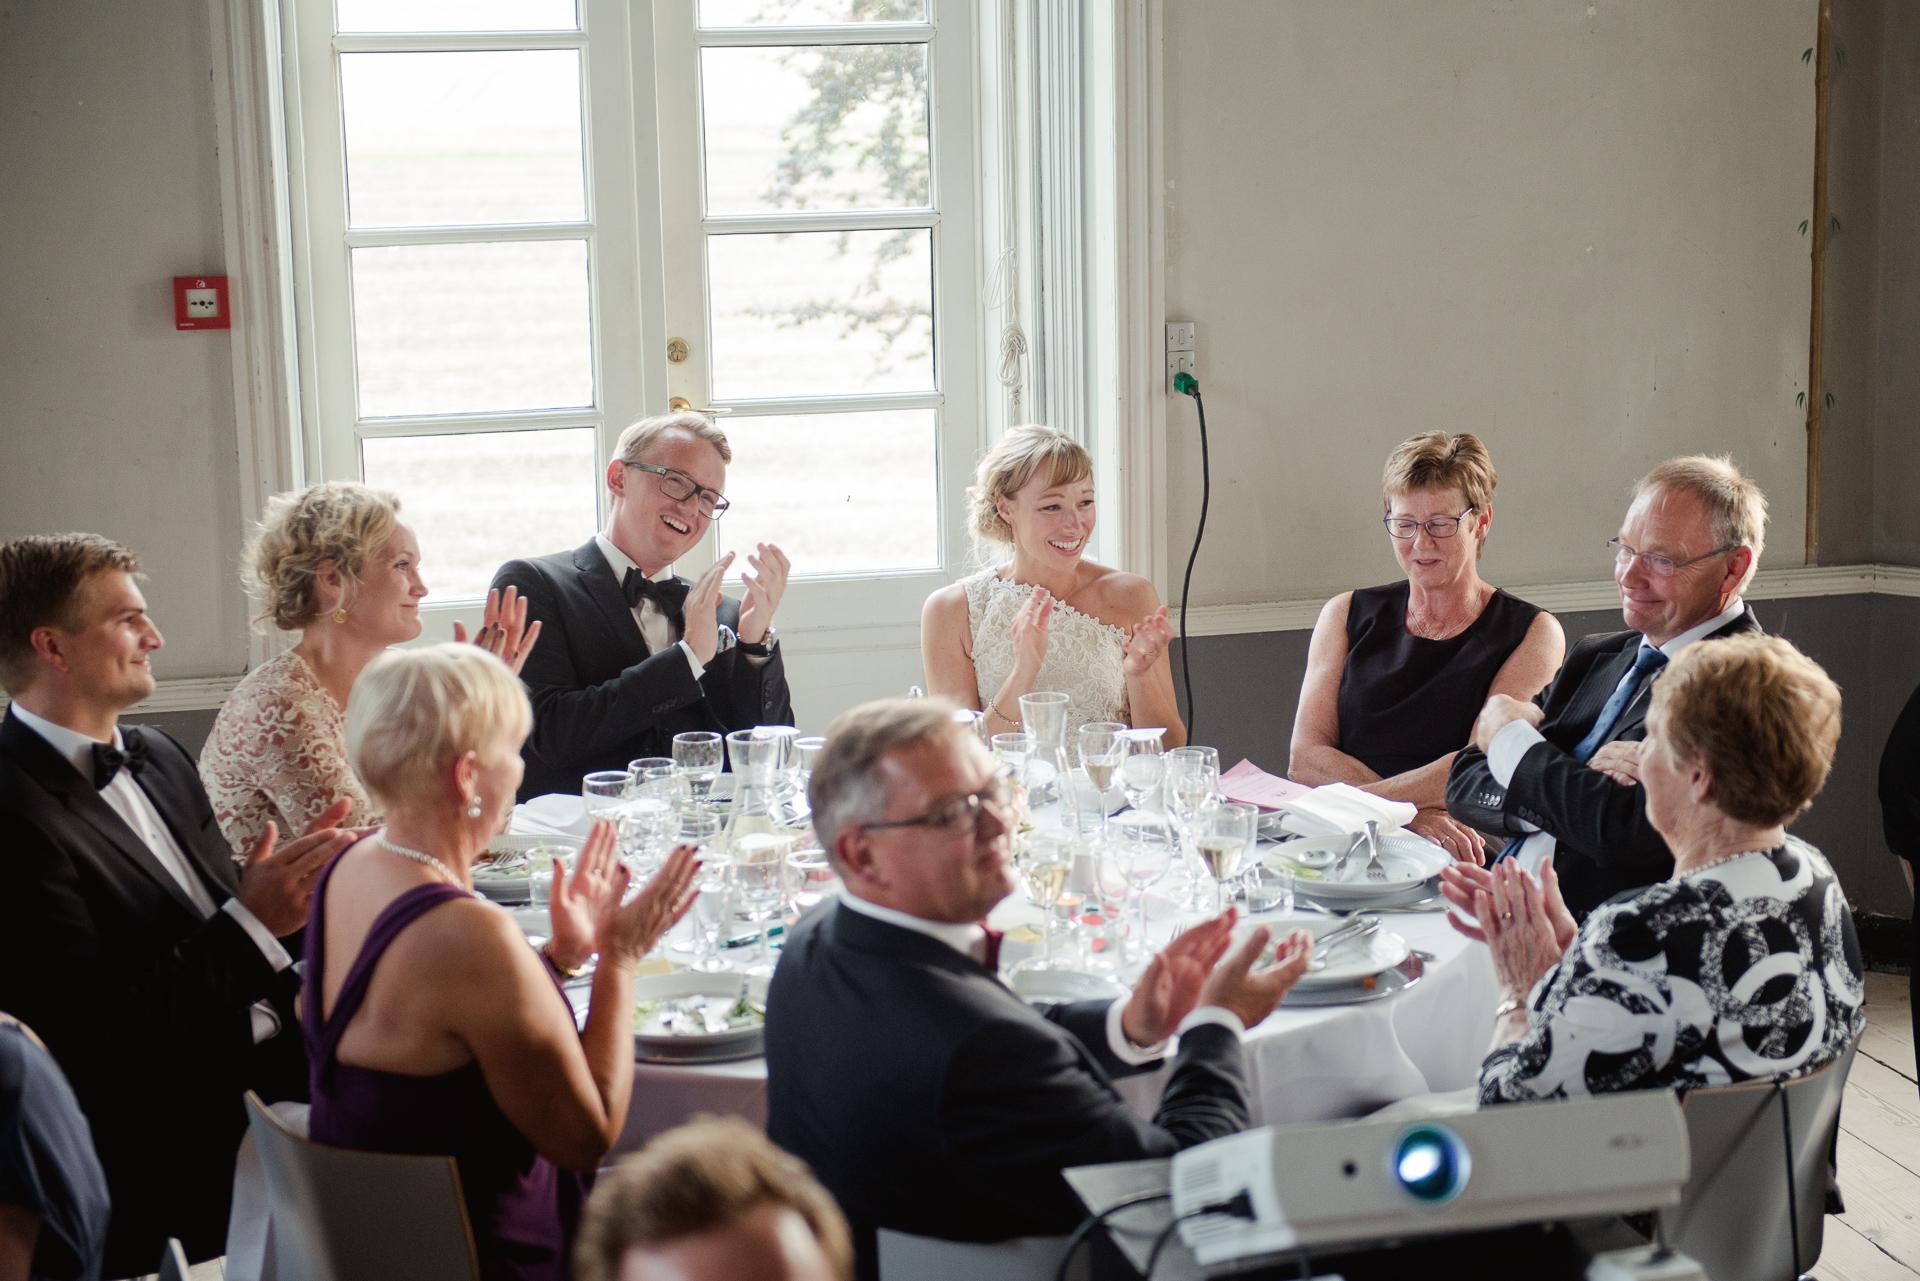 bryllup-wedding-jomfruens-egede-AK-Christian_59